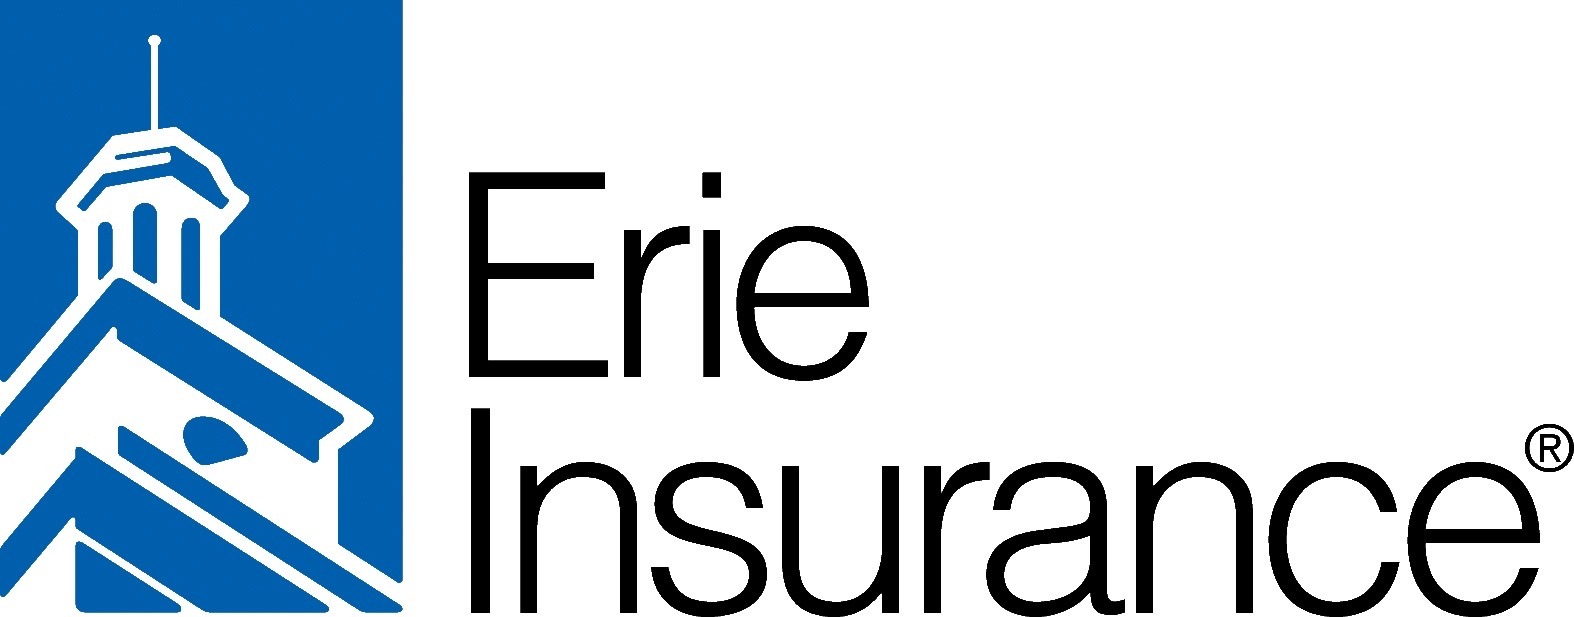 ERIE Insurance.jpg